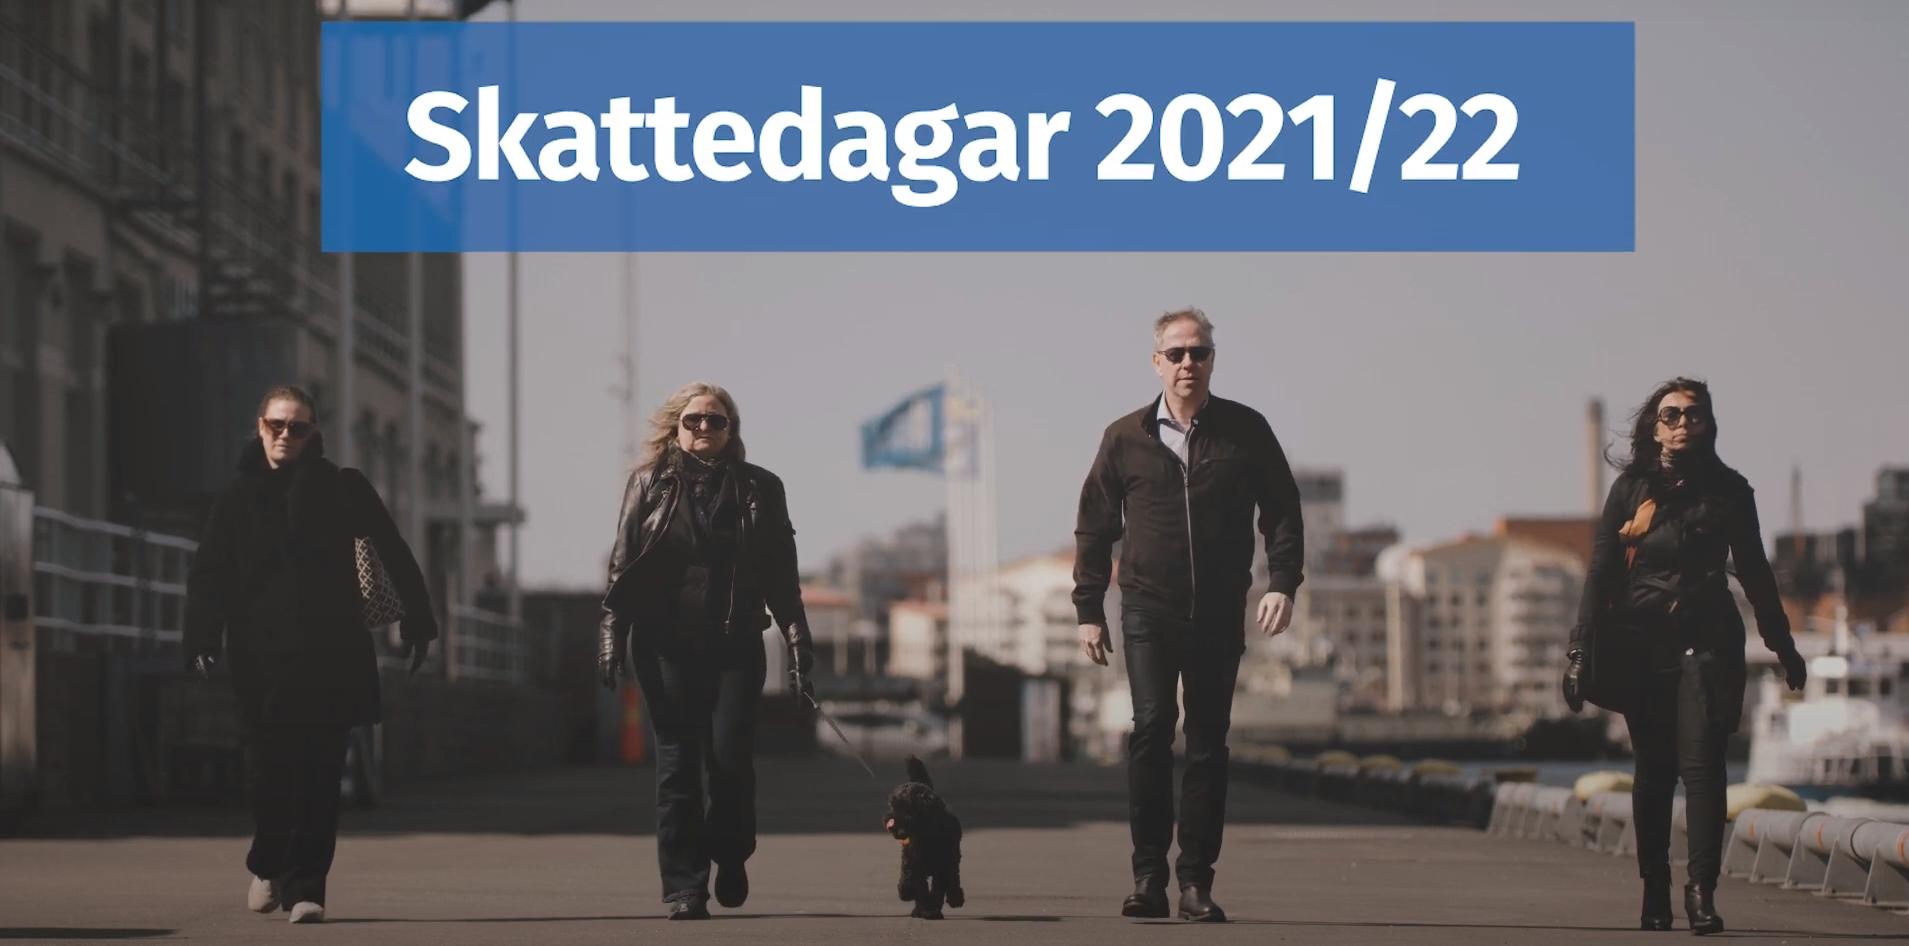 skattedagar 2021 2022